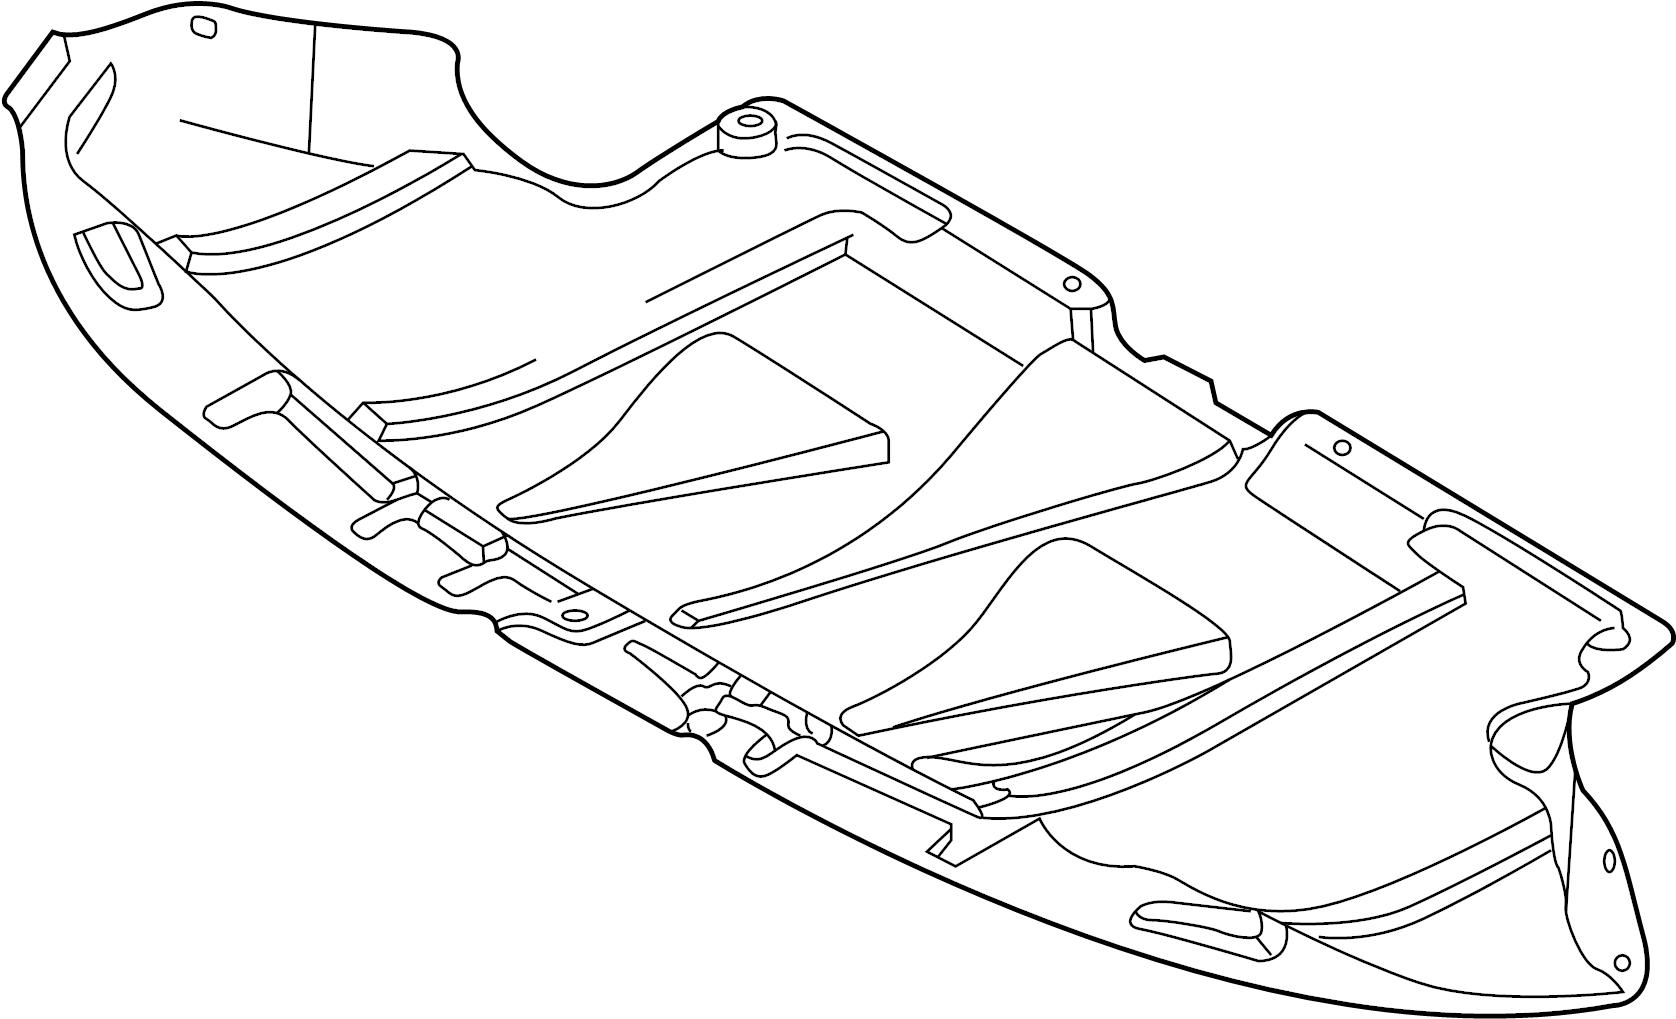 2004 Volkswagen Passat Baffle  Deflector   Front   2 0